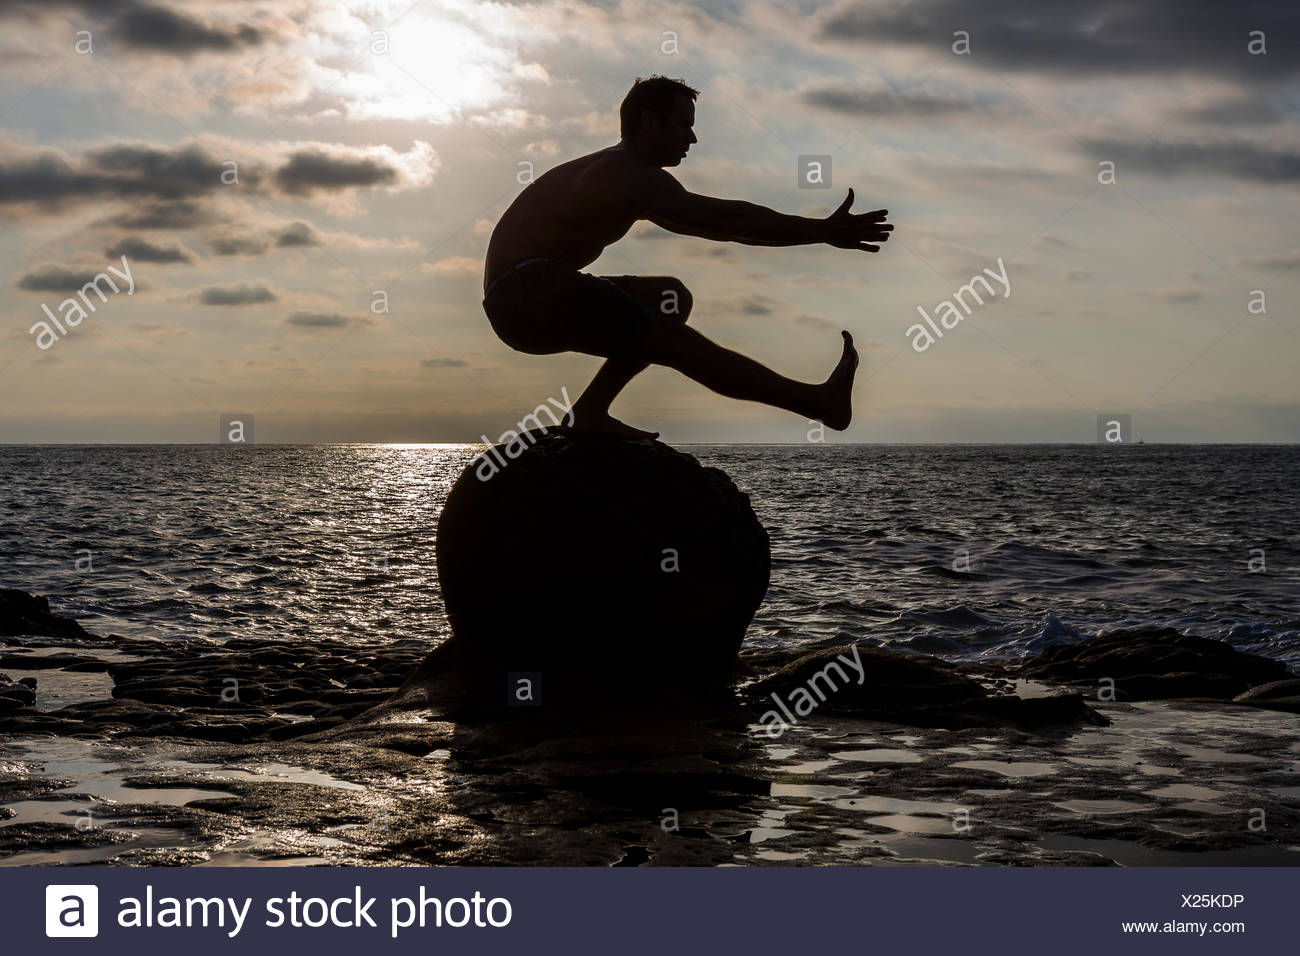 Die Silhouette der ein nackter Oberkörper CrossFit Athlet während er eine Pistole oder einbeinige Kniebeugen auf einem Felsen in den Pazifischen Ozean in San Diego, Kalifornien bei Sonnenuntergang durchführt. Stockbild